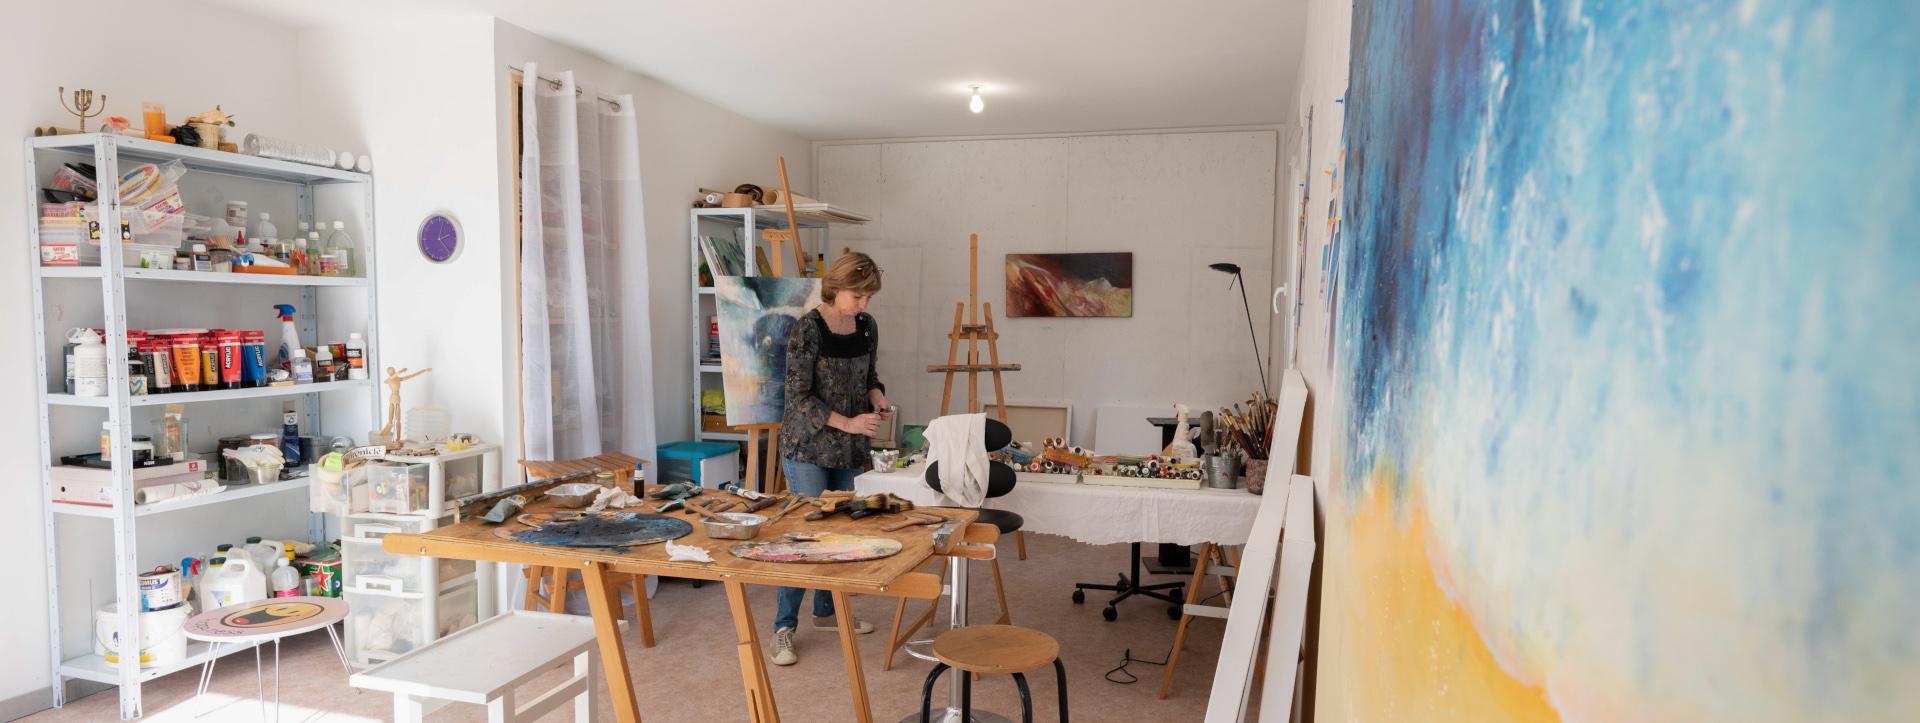 atelier-de-peinture-lemaitre-auger